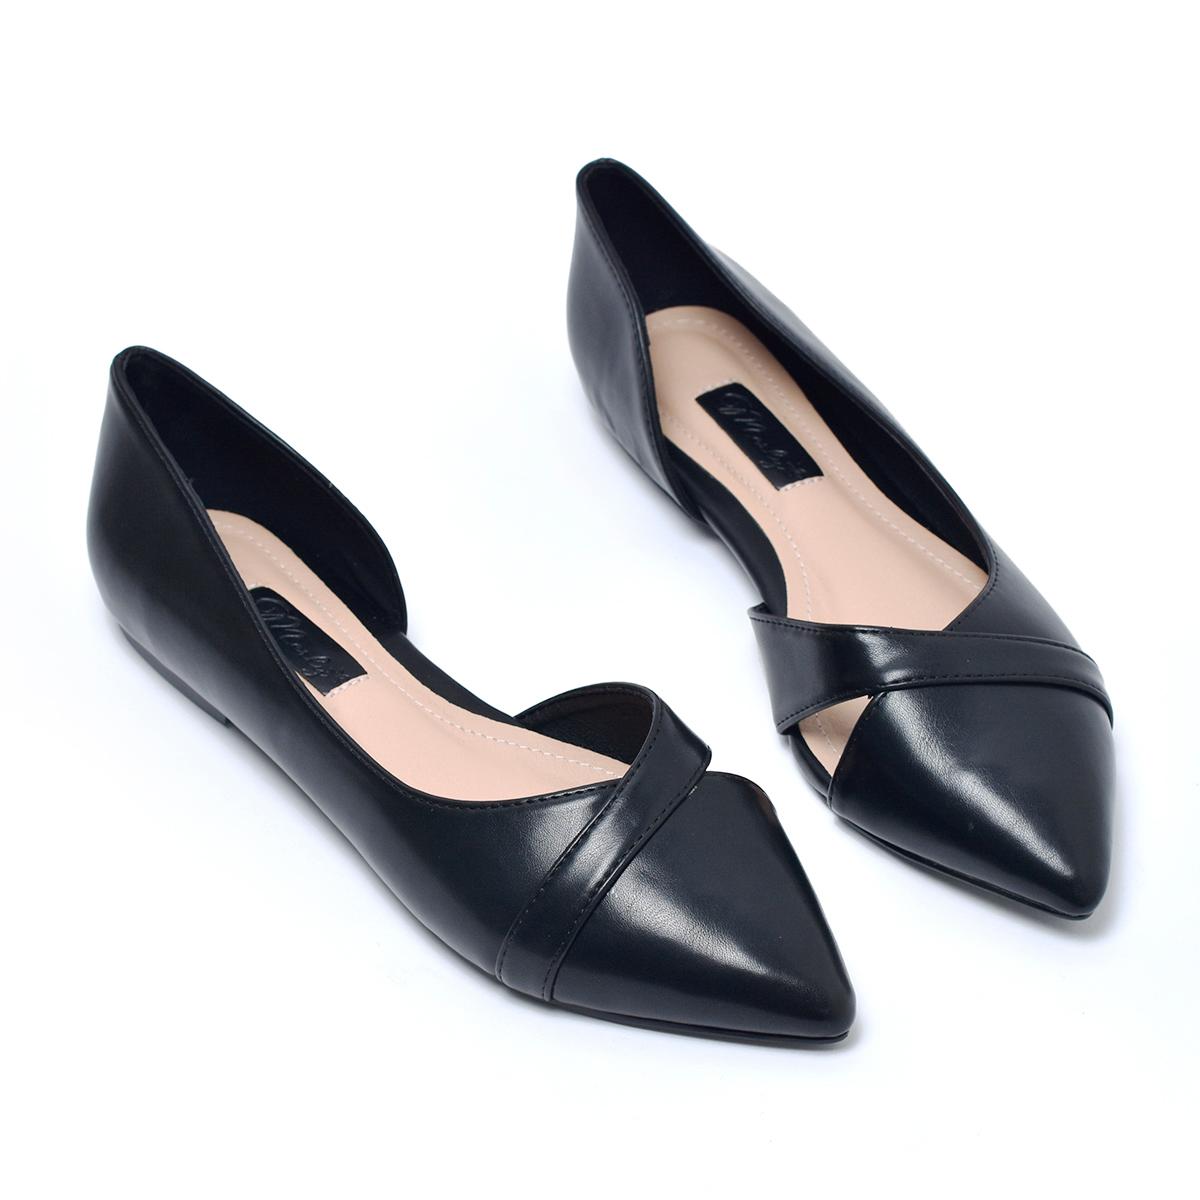 [Form lớn giảm 1 size] Giày búp bê hở eo Merly 1266